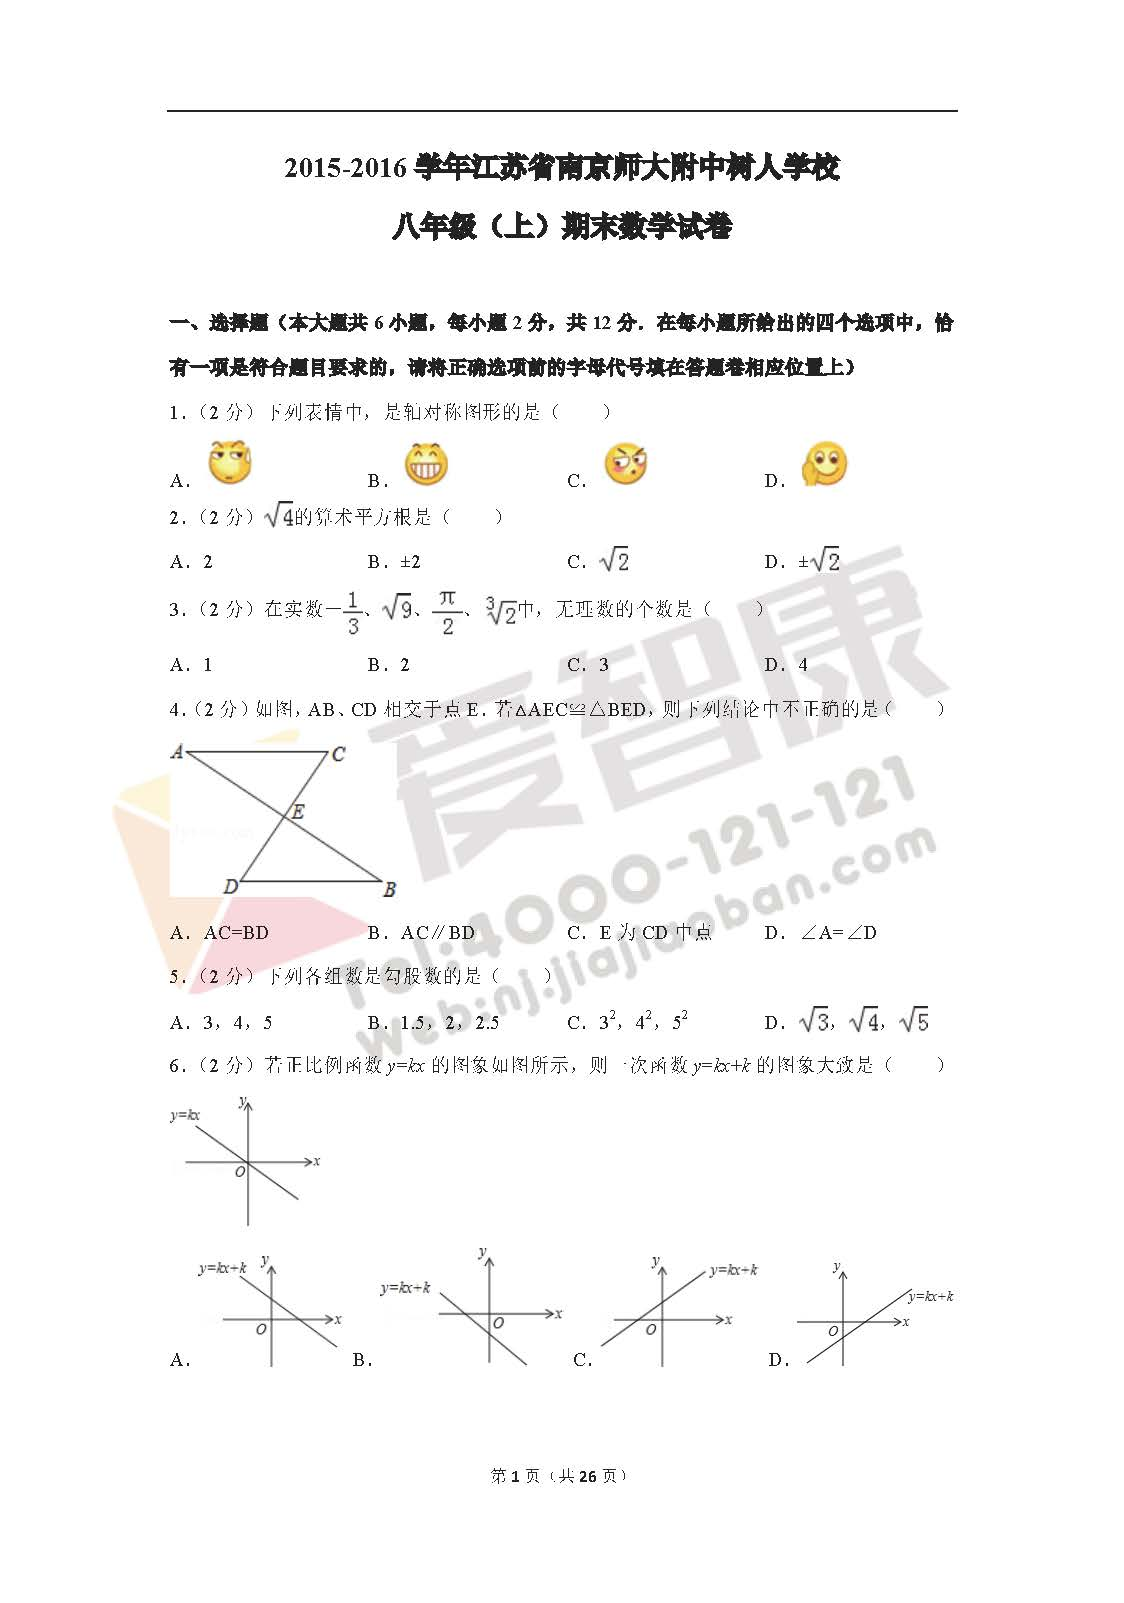 树人学校八年级上学期期末数学试卷,树人八年级期末数学试卷,南京八年级期末数学试卷